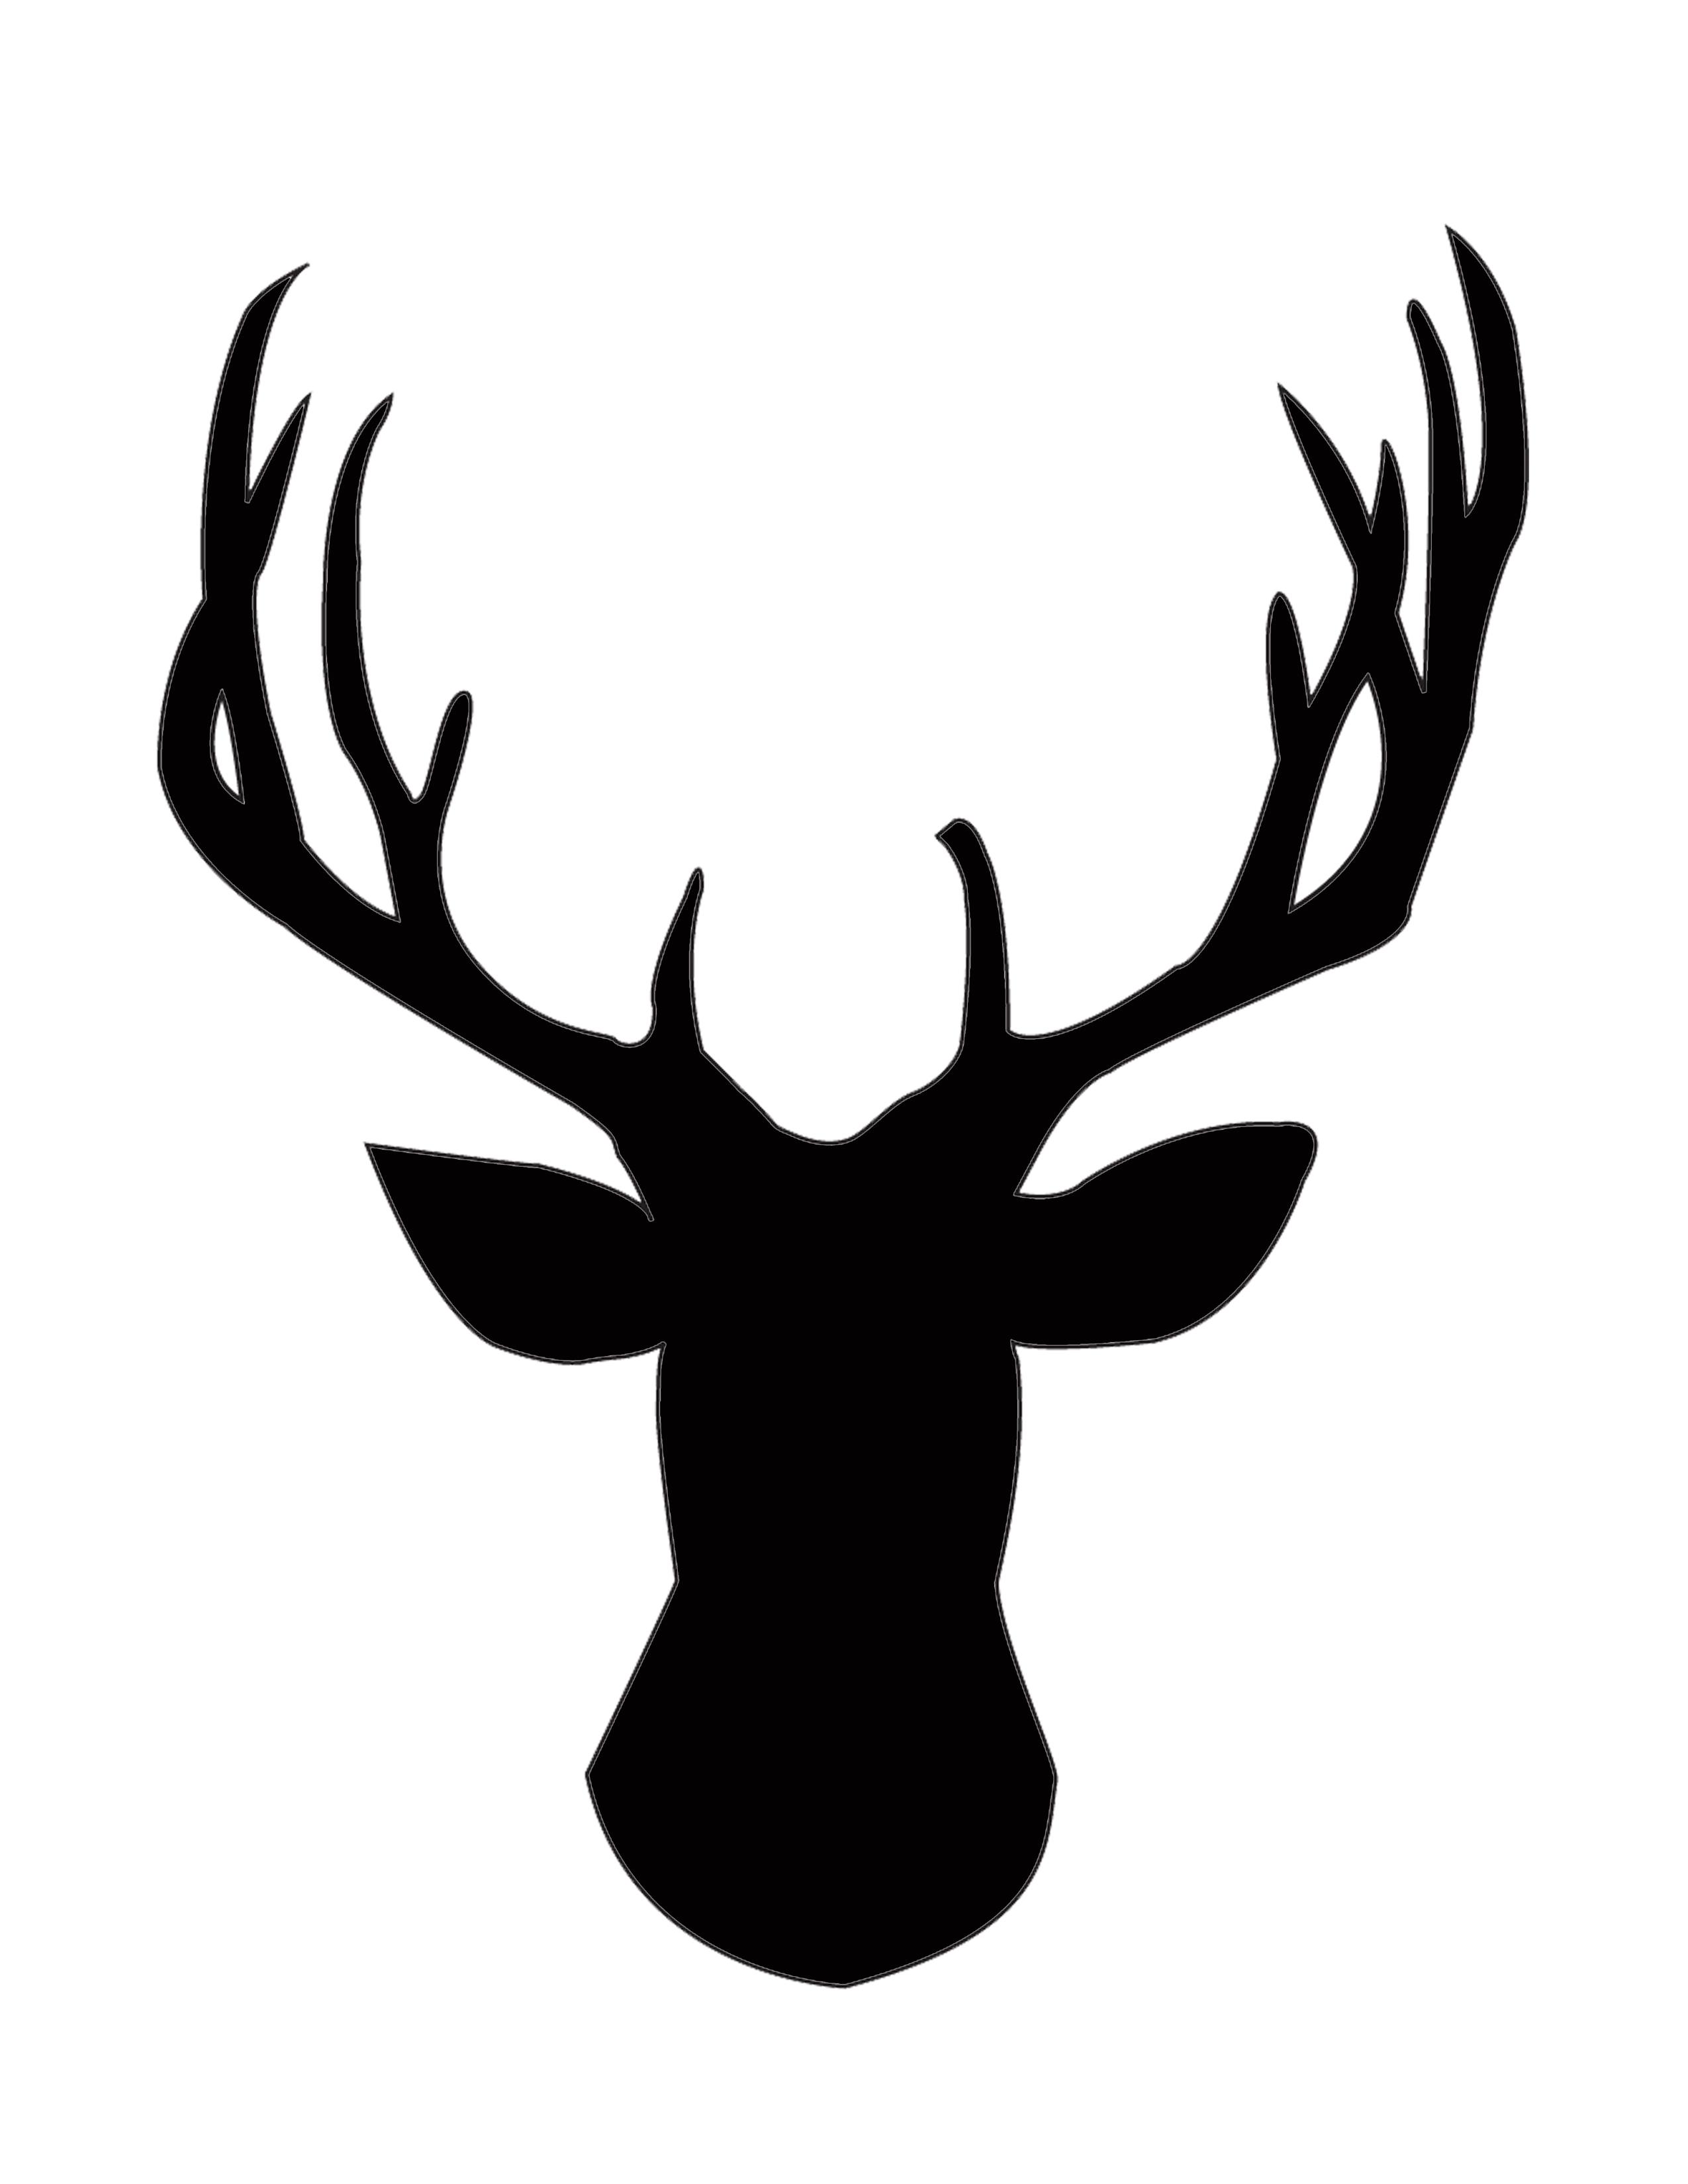 Reindeer silhouette at getdrawings. Antlers clipart simple